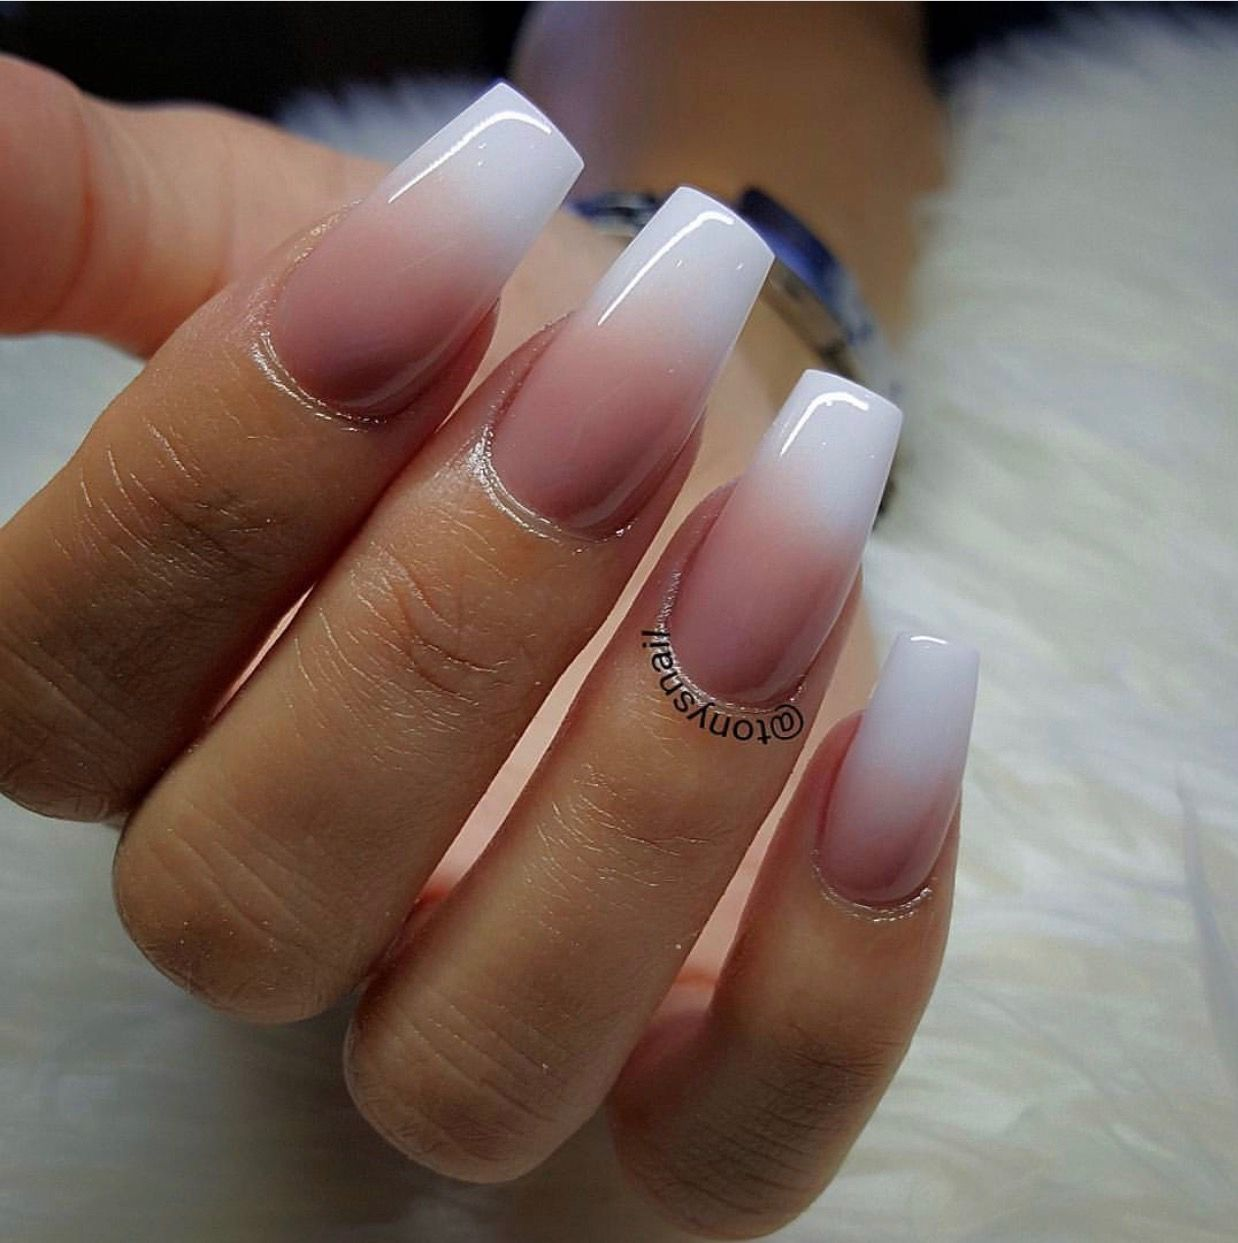 Pin de sam en uñas | Pinterest | Diseños de uñas, Uñas acrílico y ...